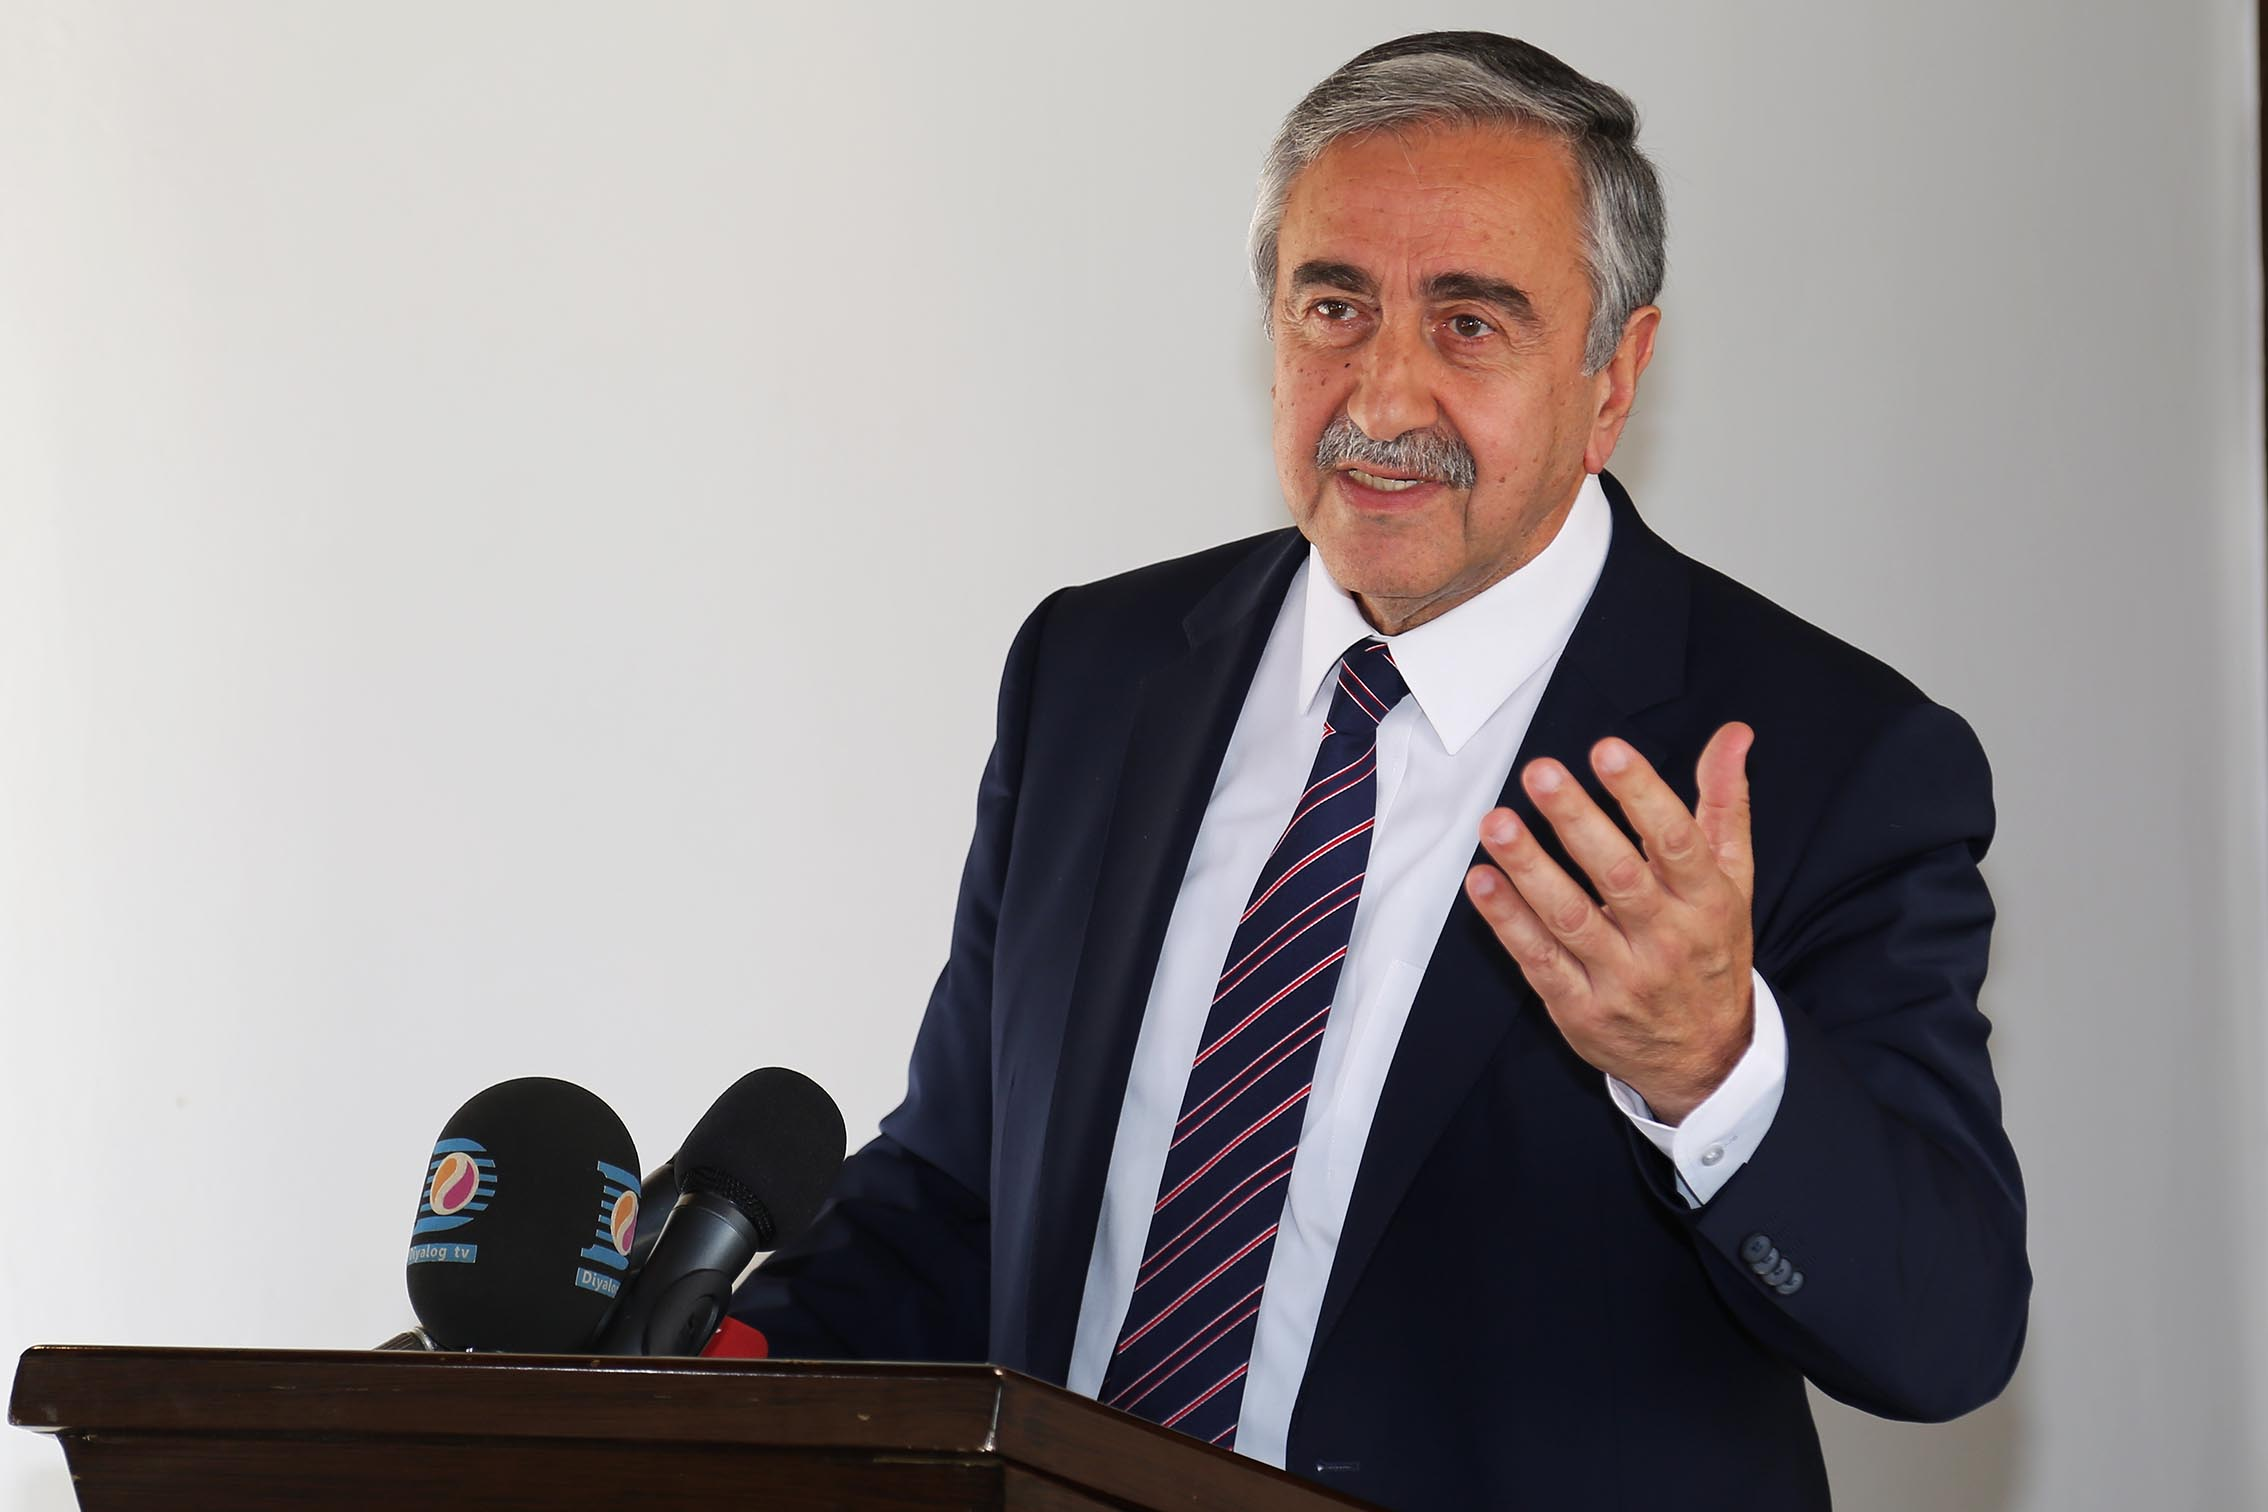 Cumhurbaşkanı Mustafa Akıncı'nın, YÖDAK heyetini kabul ettiği öğrenildi